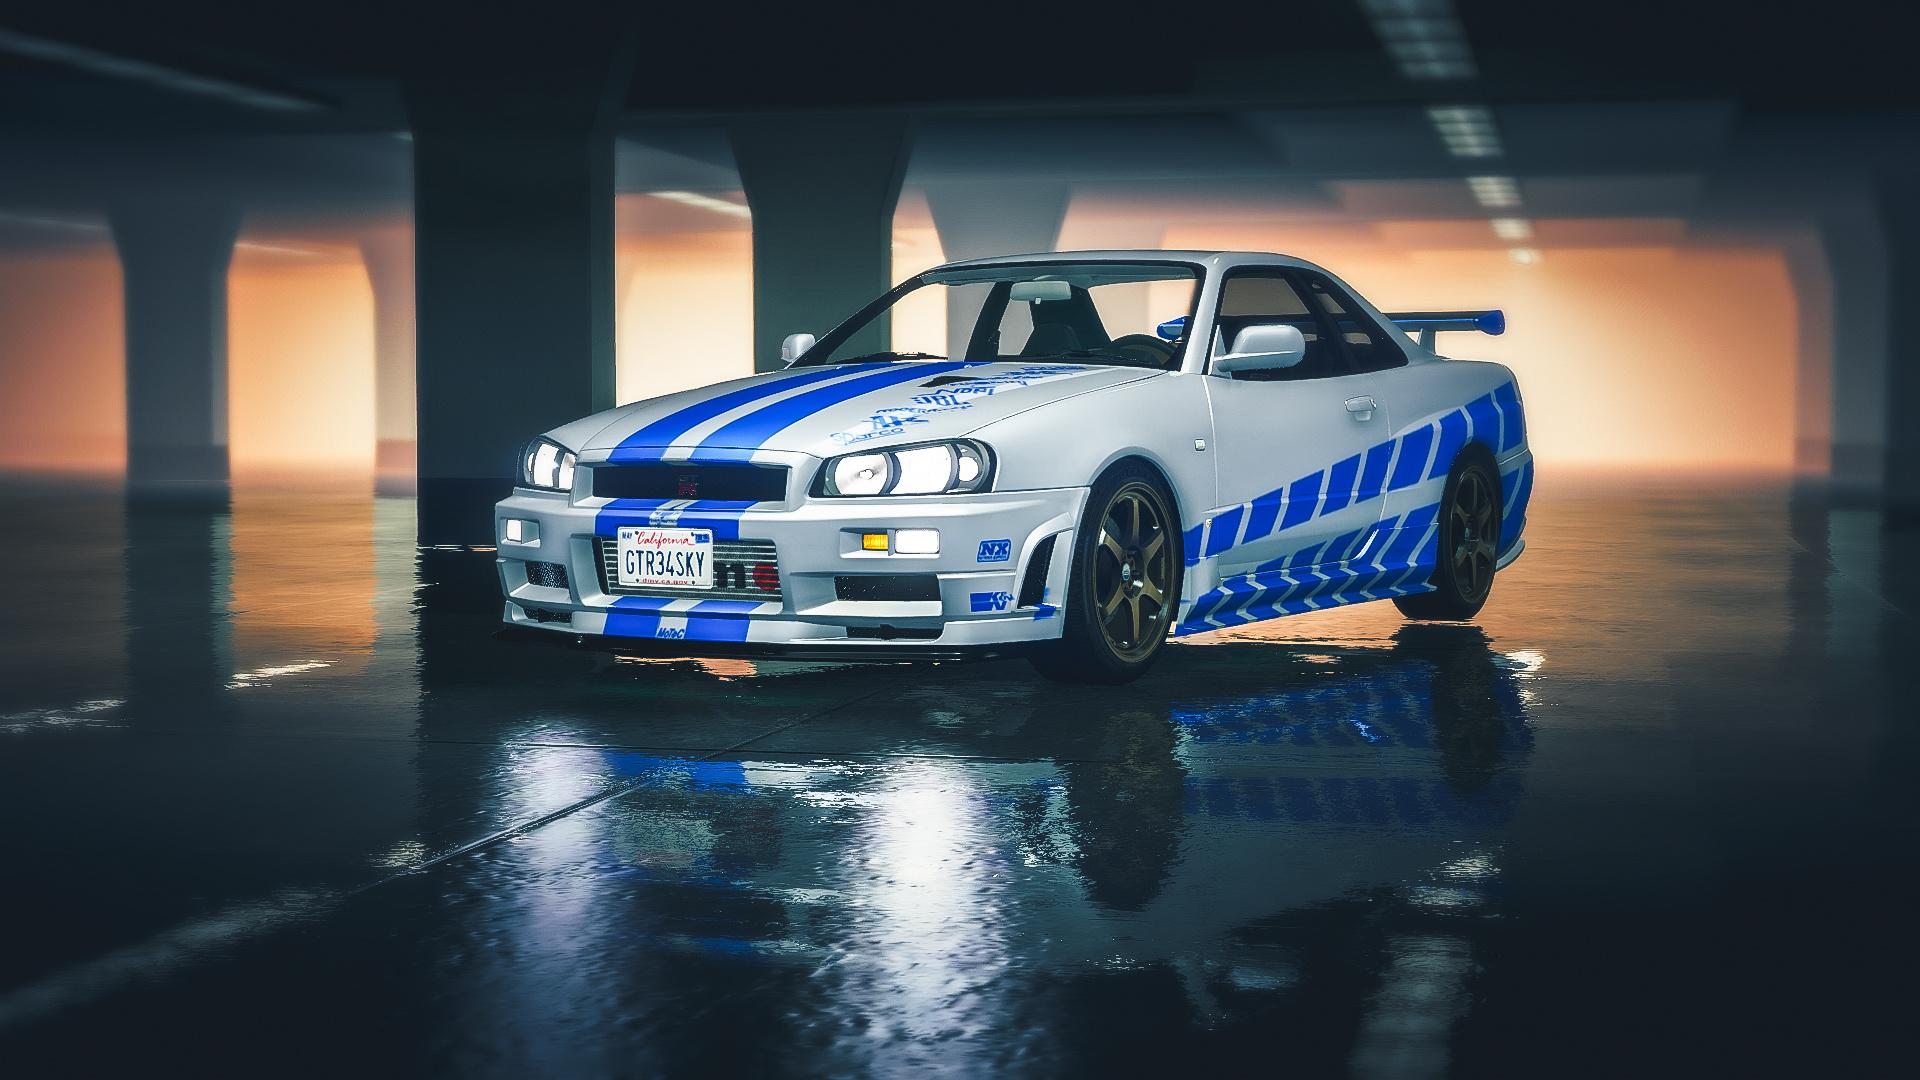 2 Fast 2 Furious - Nissan Skyline R34 livery - GTA5-Mods.comFast And Furious Cars Skyline